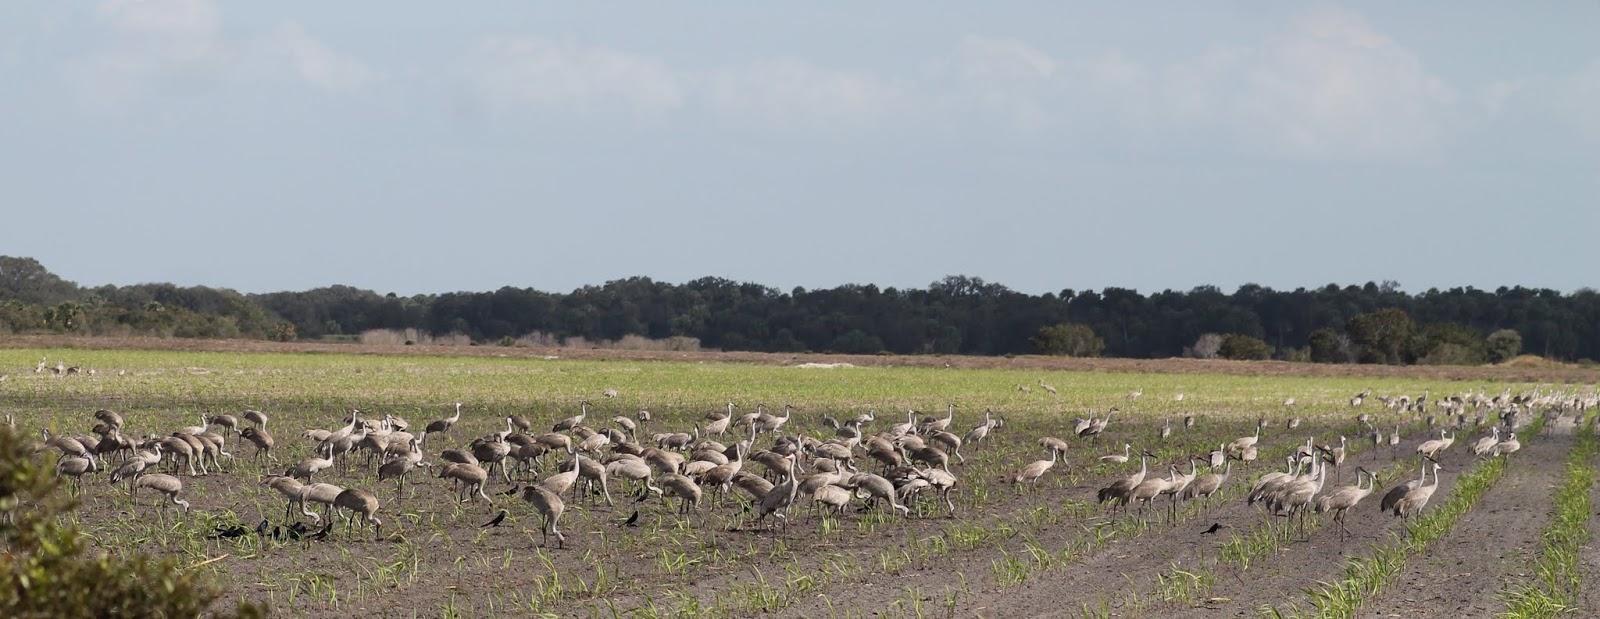 Concentración de Grullas Grus Canadensis o Sandhill Cranes.